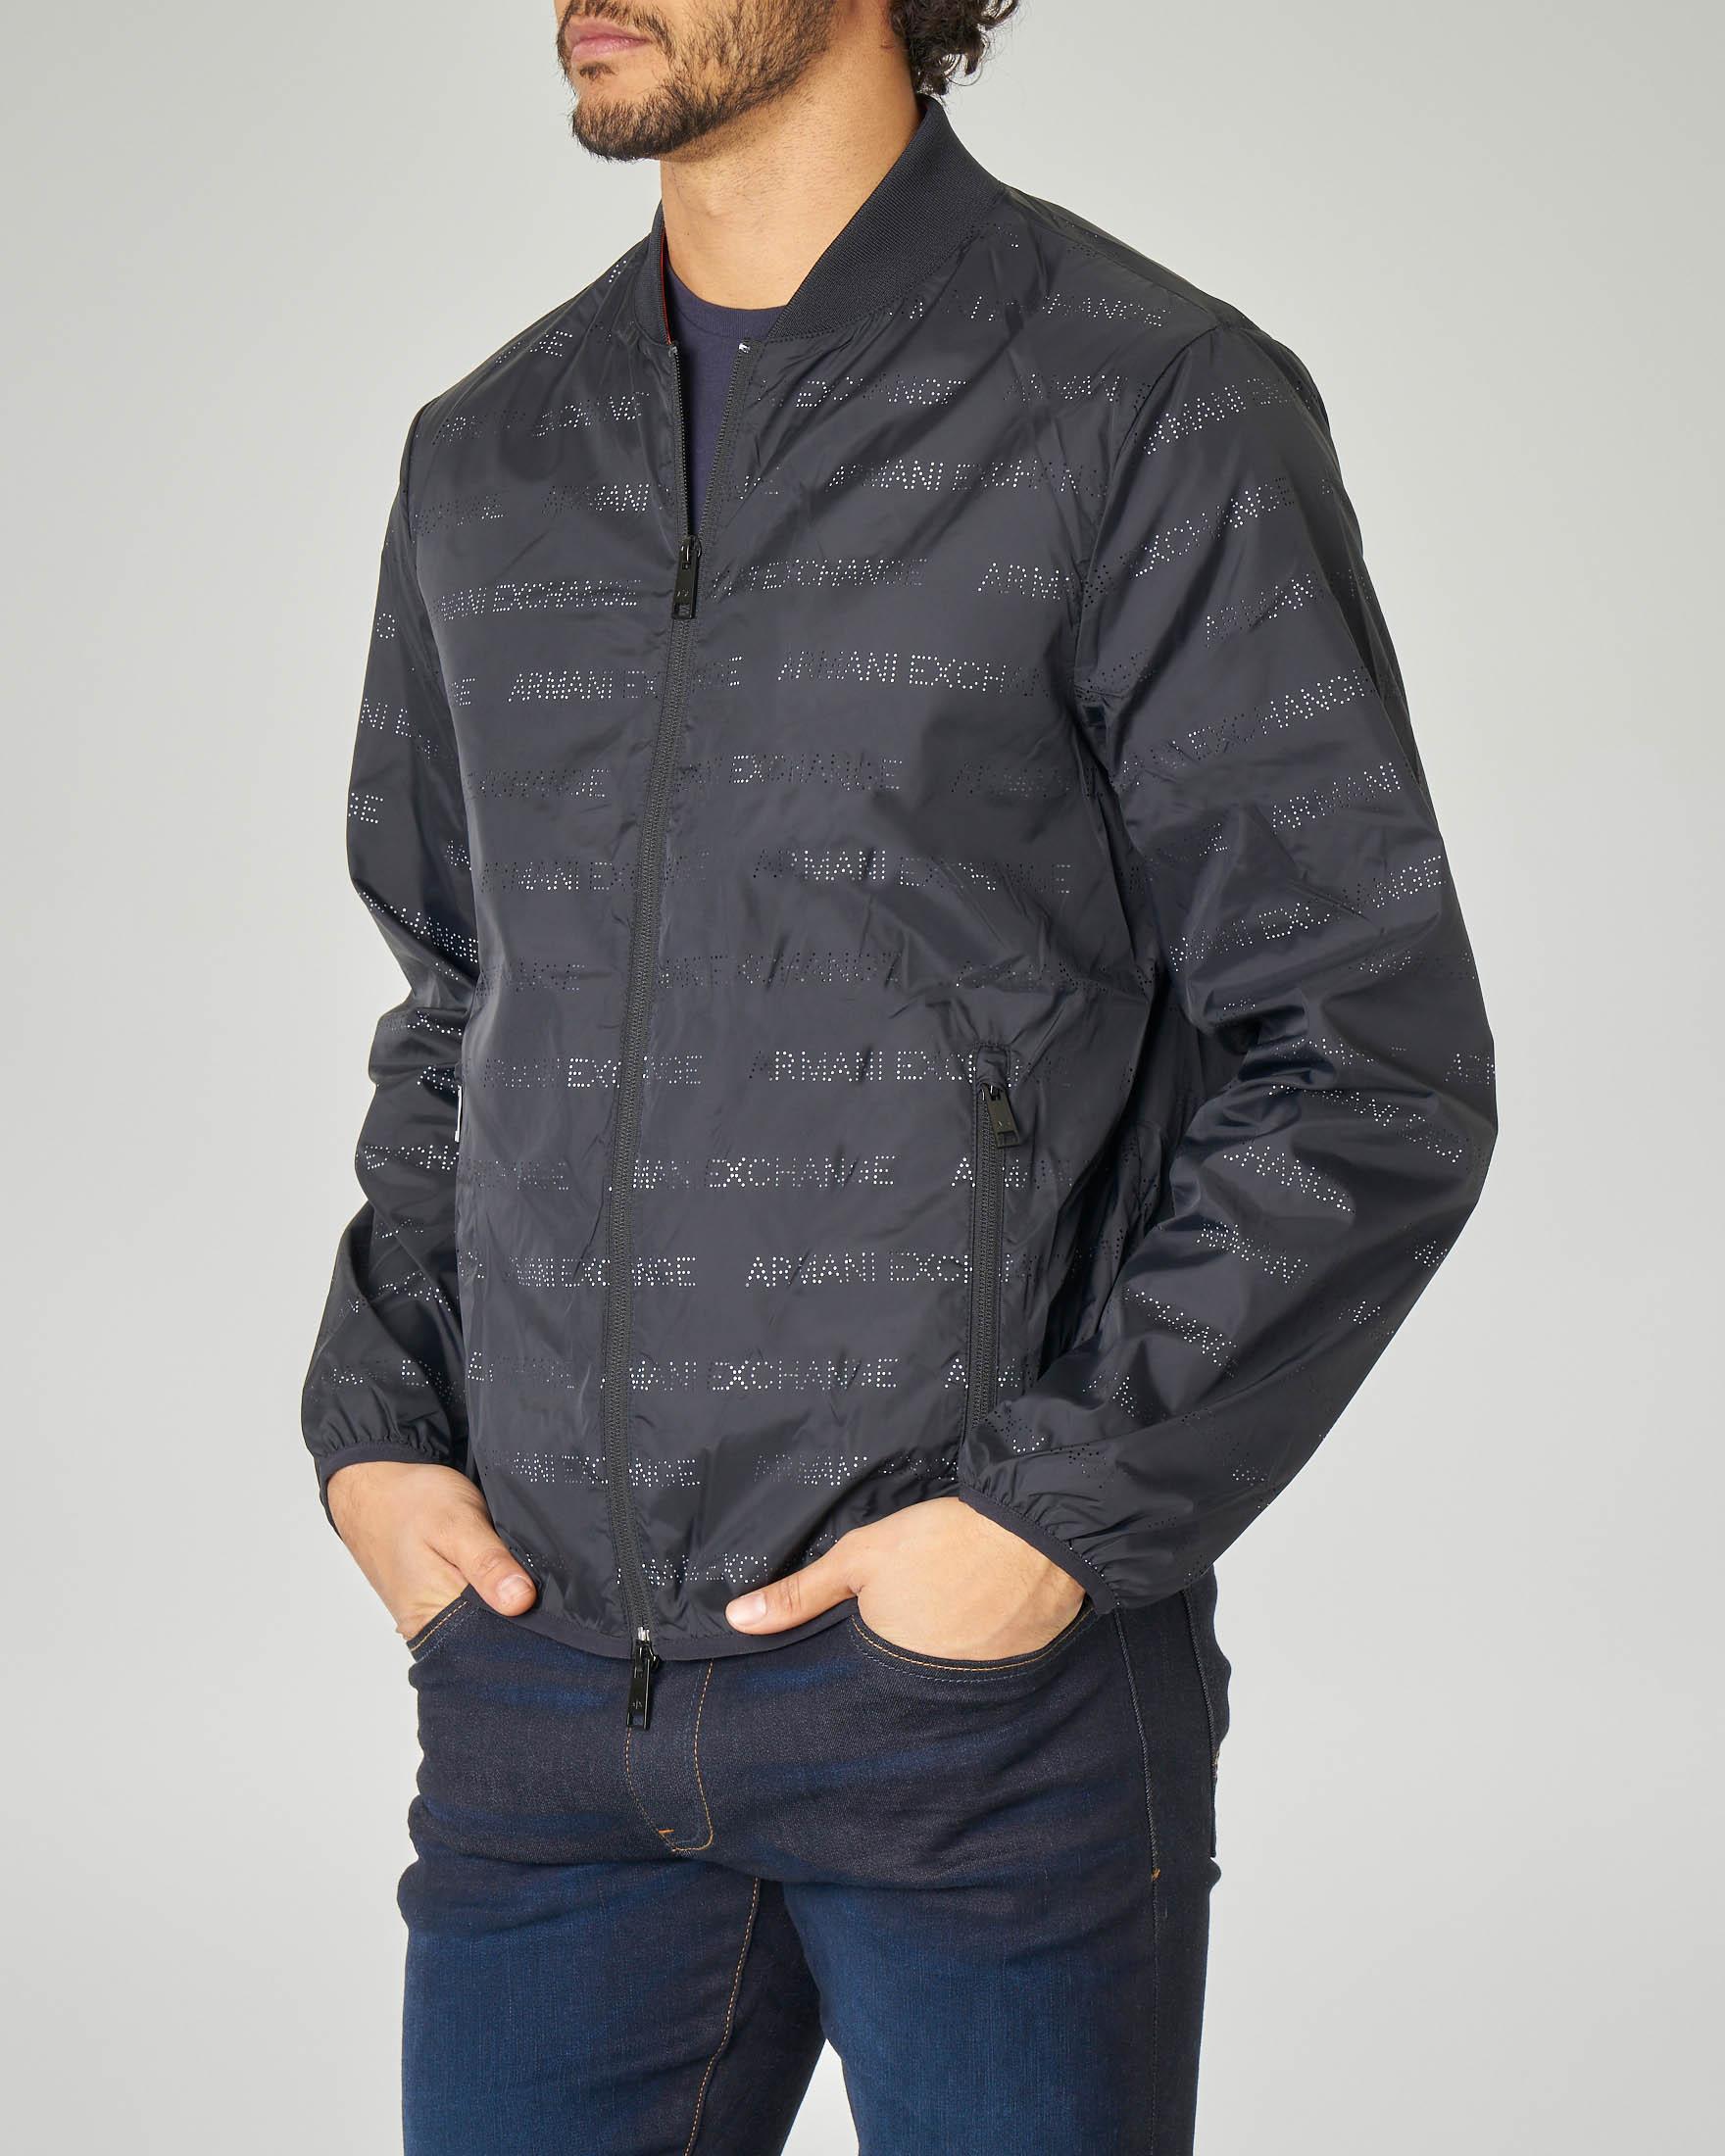 Abbigliamento armani exchange f1adea0dce2b